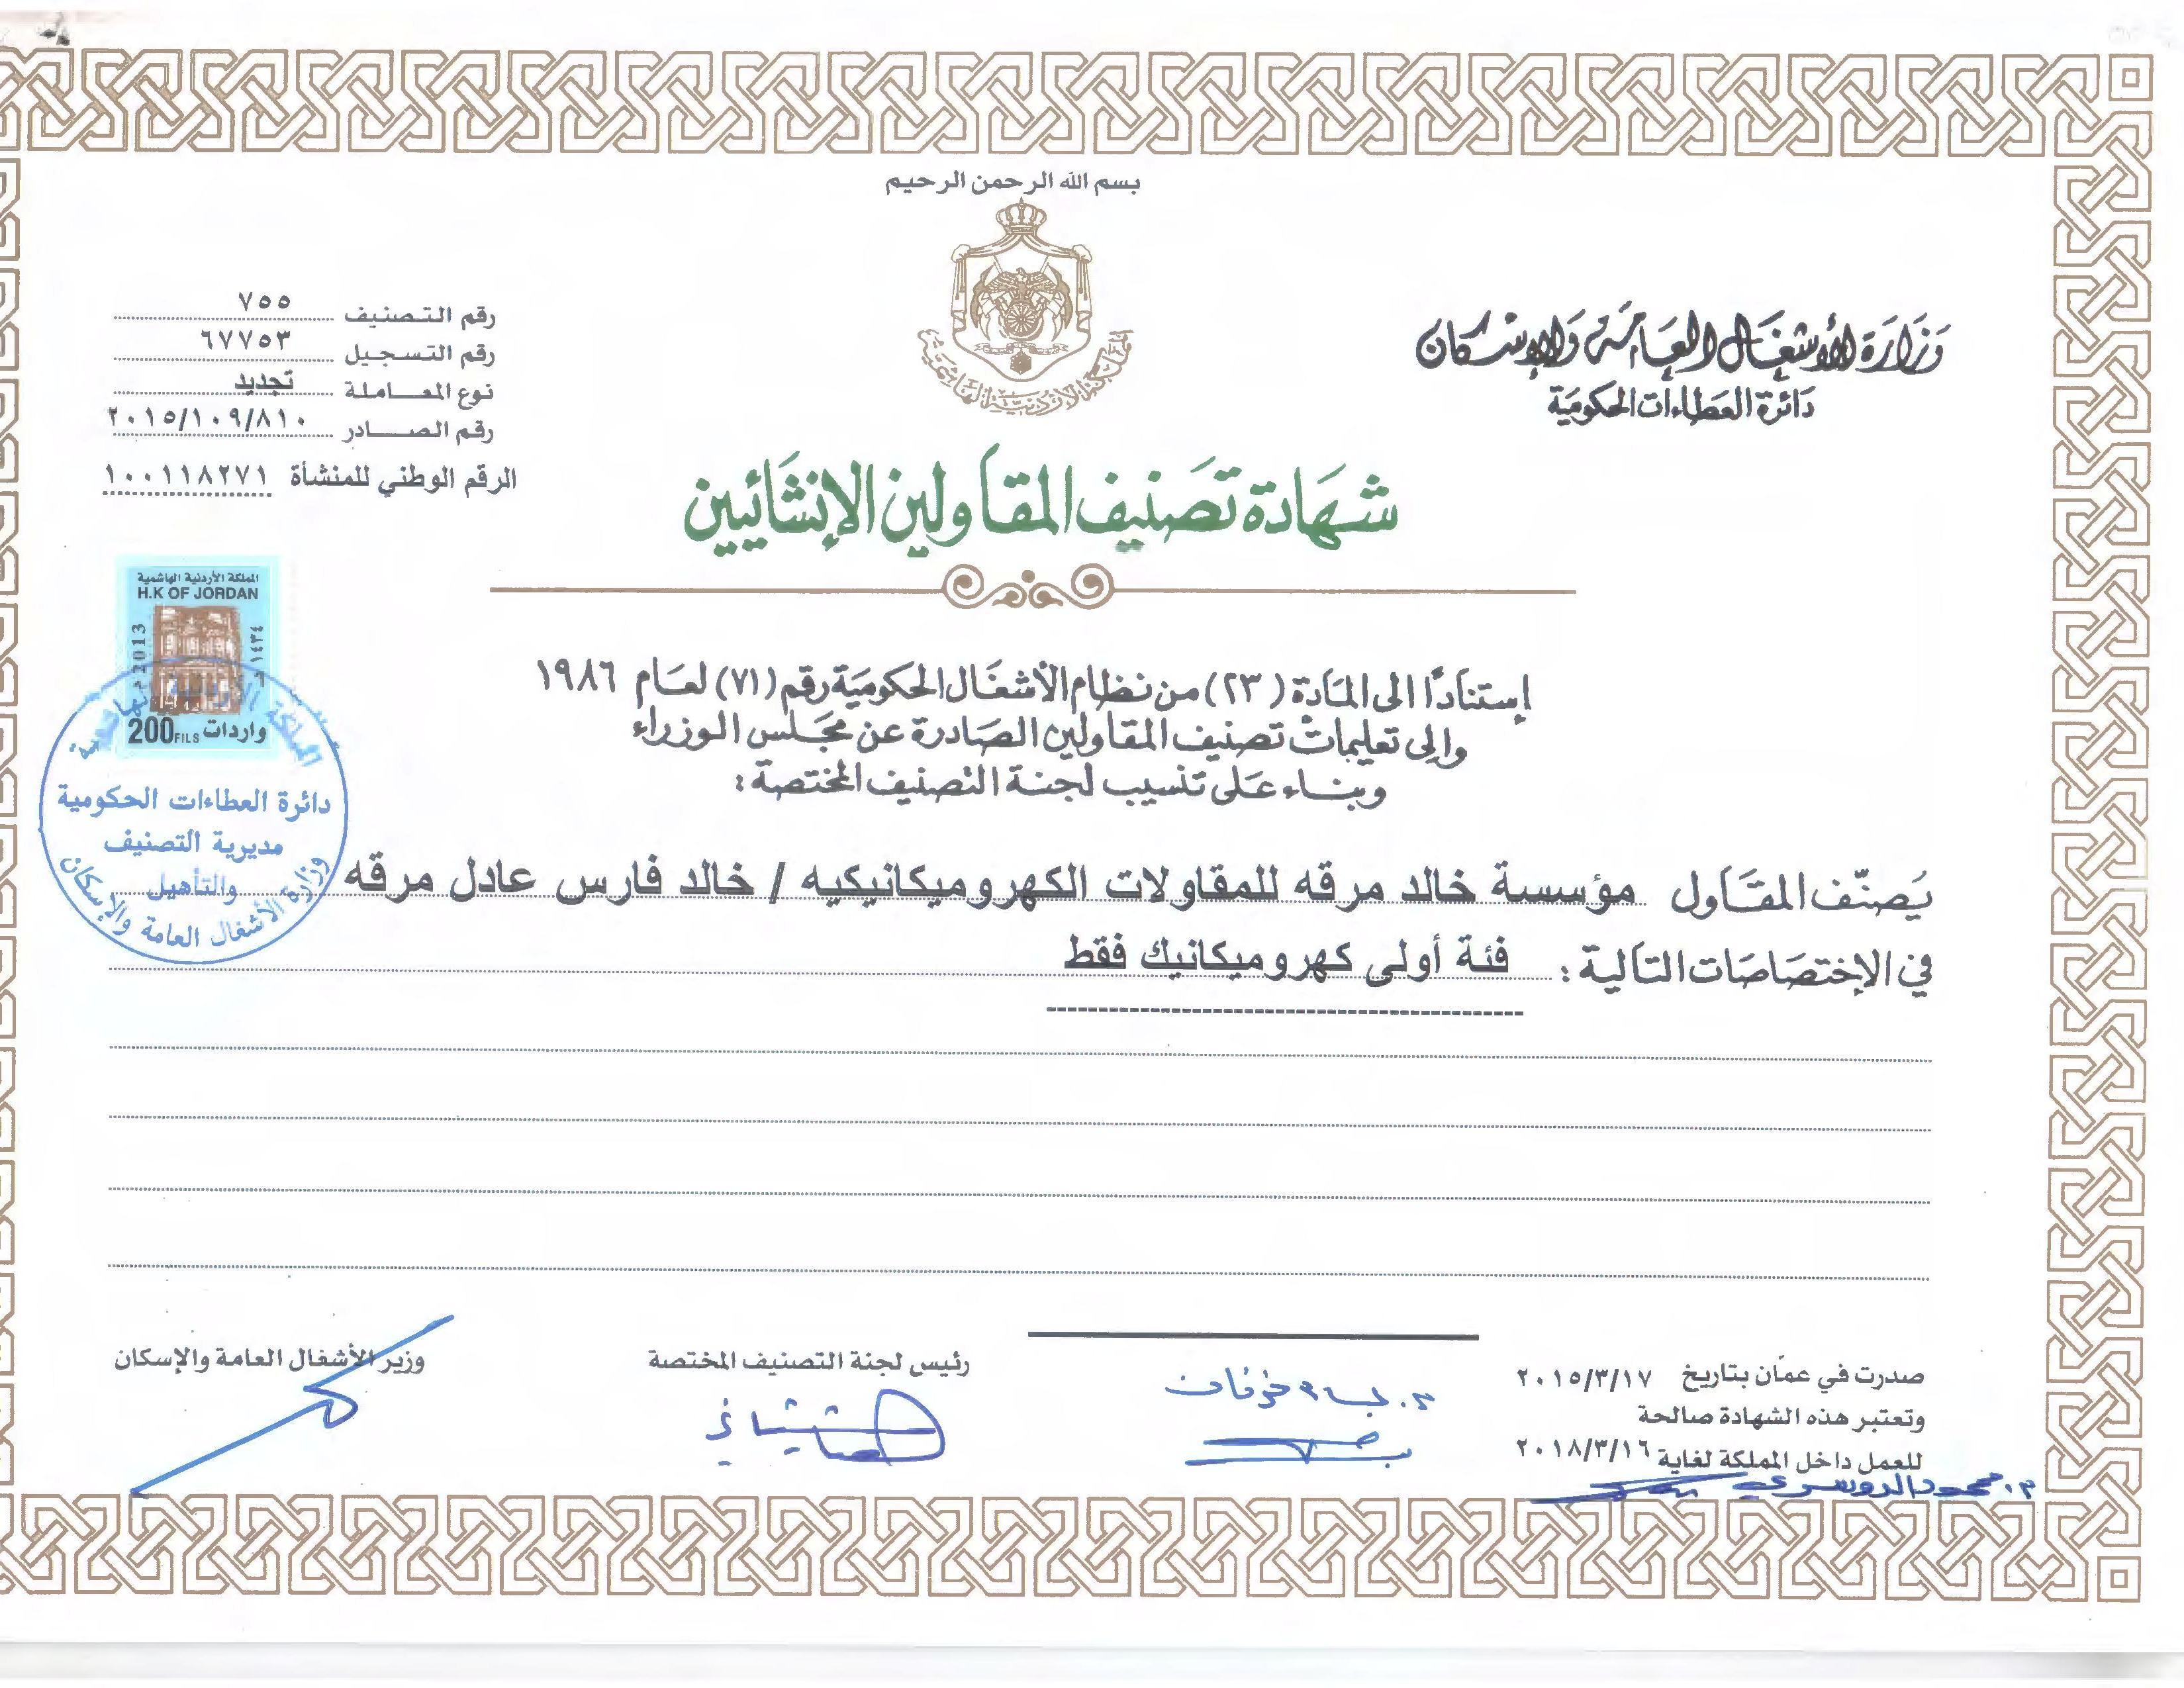 شهادة تصنيف المقاولين الانشائيين